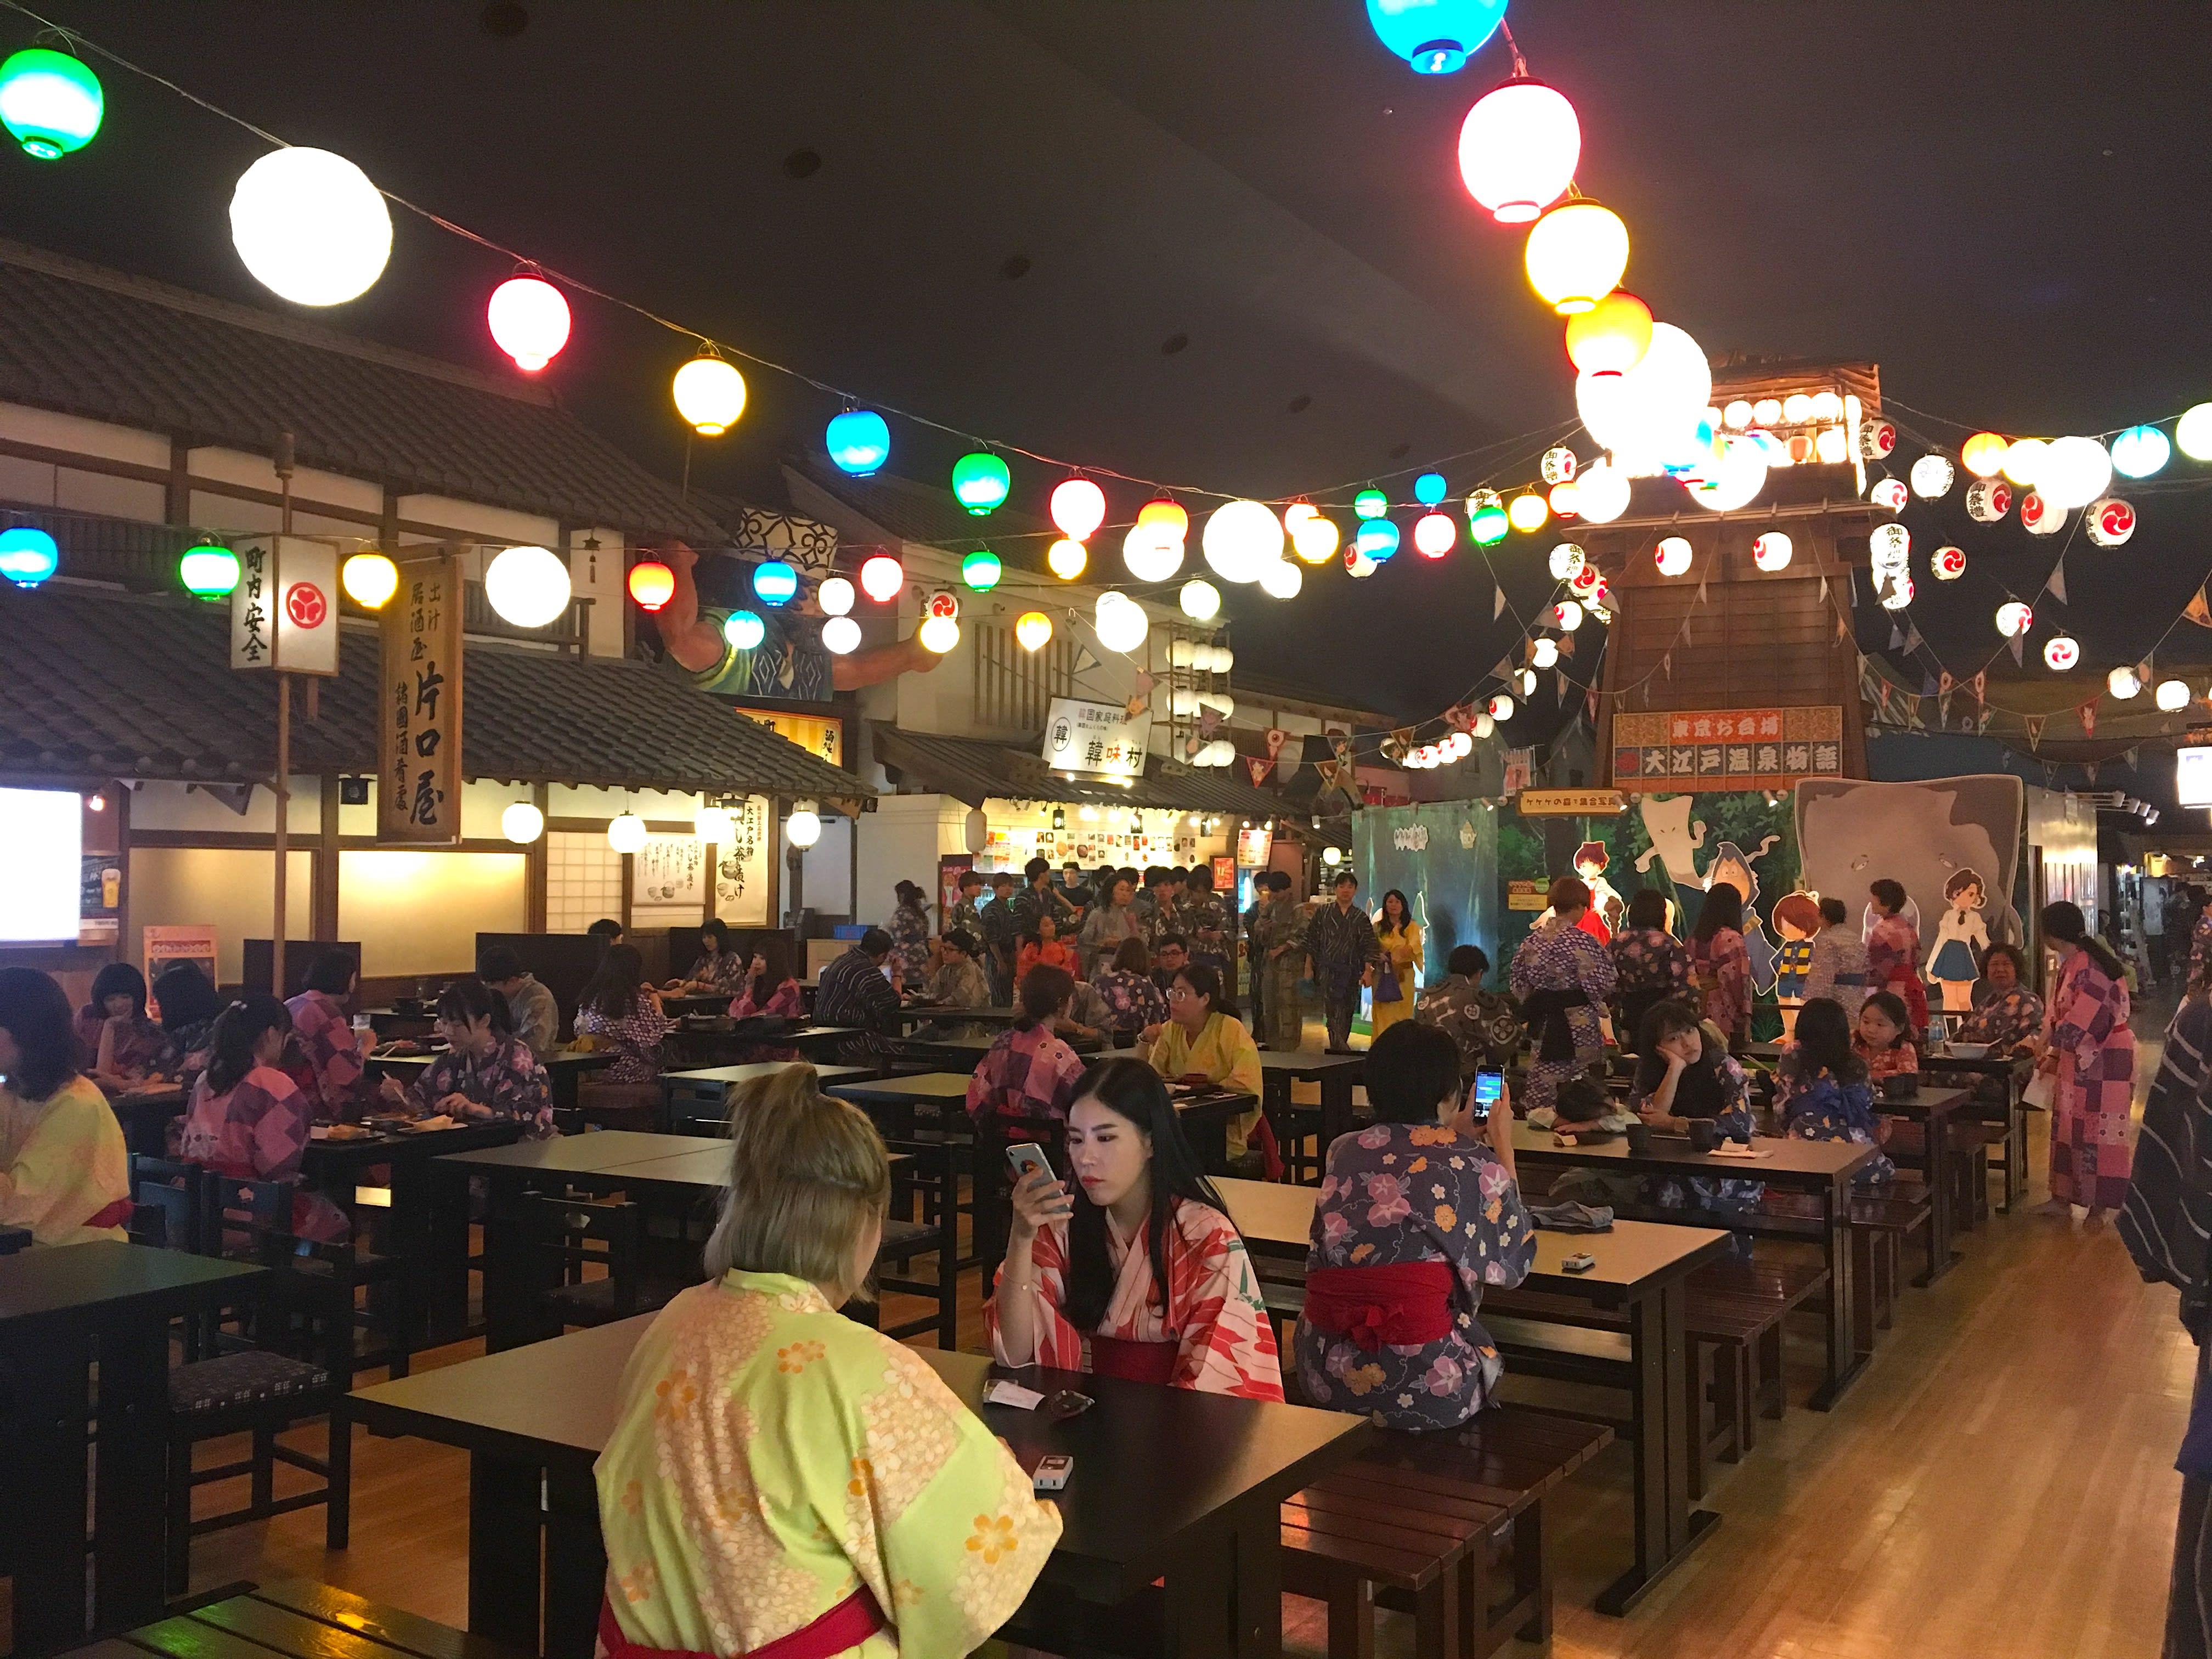 中間廣場上面高掛燈籠,兩旁都是美食店舖。(圖片取自valepra0330)